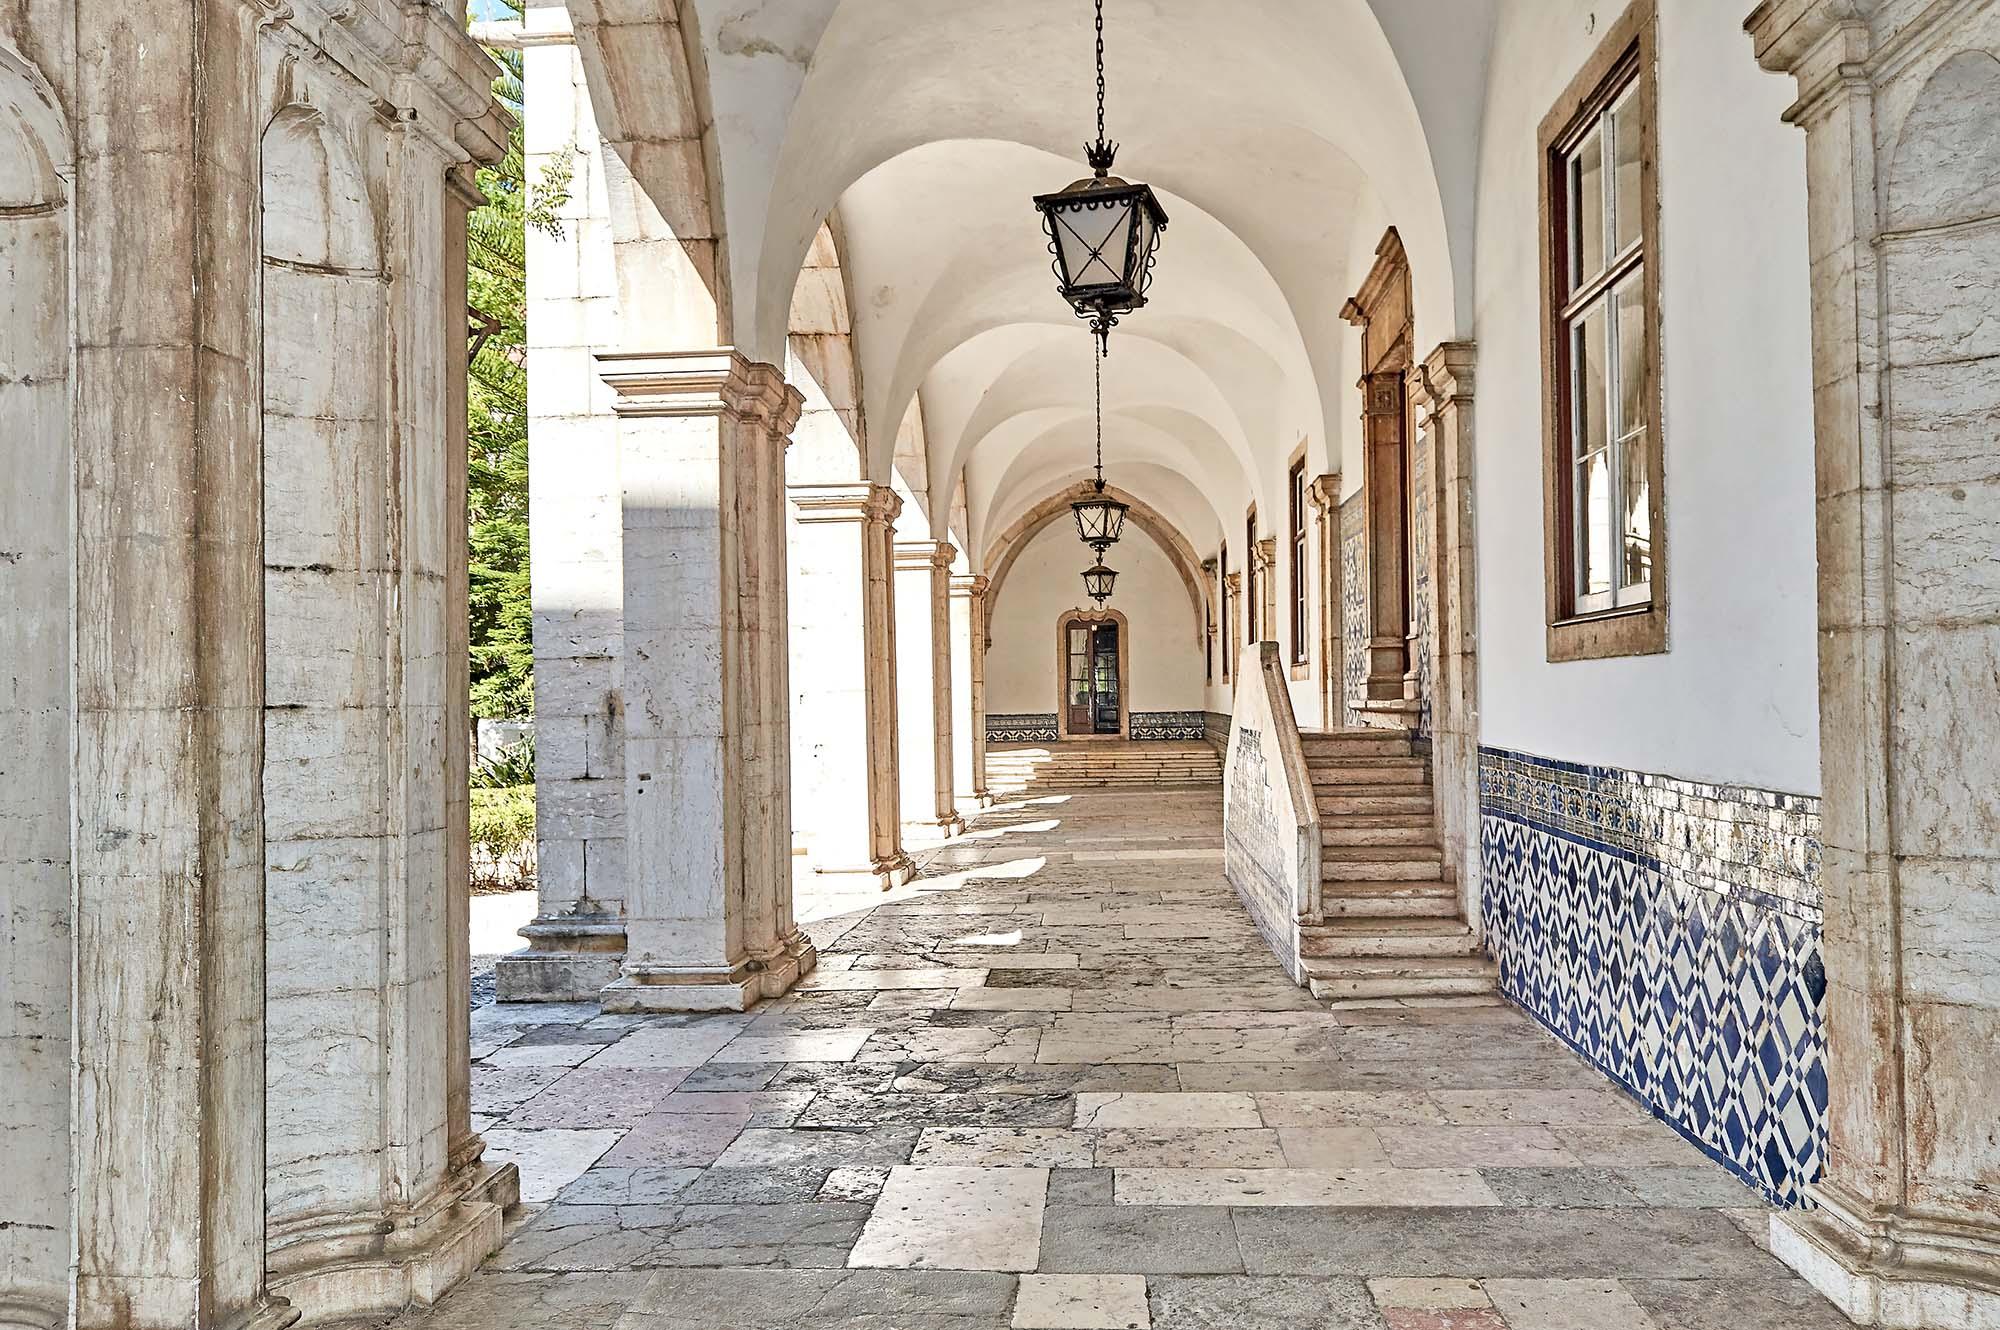 Mosteiro de Odivelas - Claustro